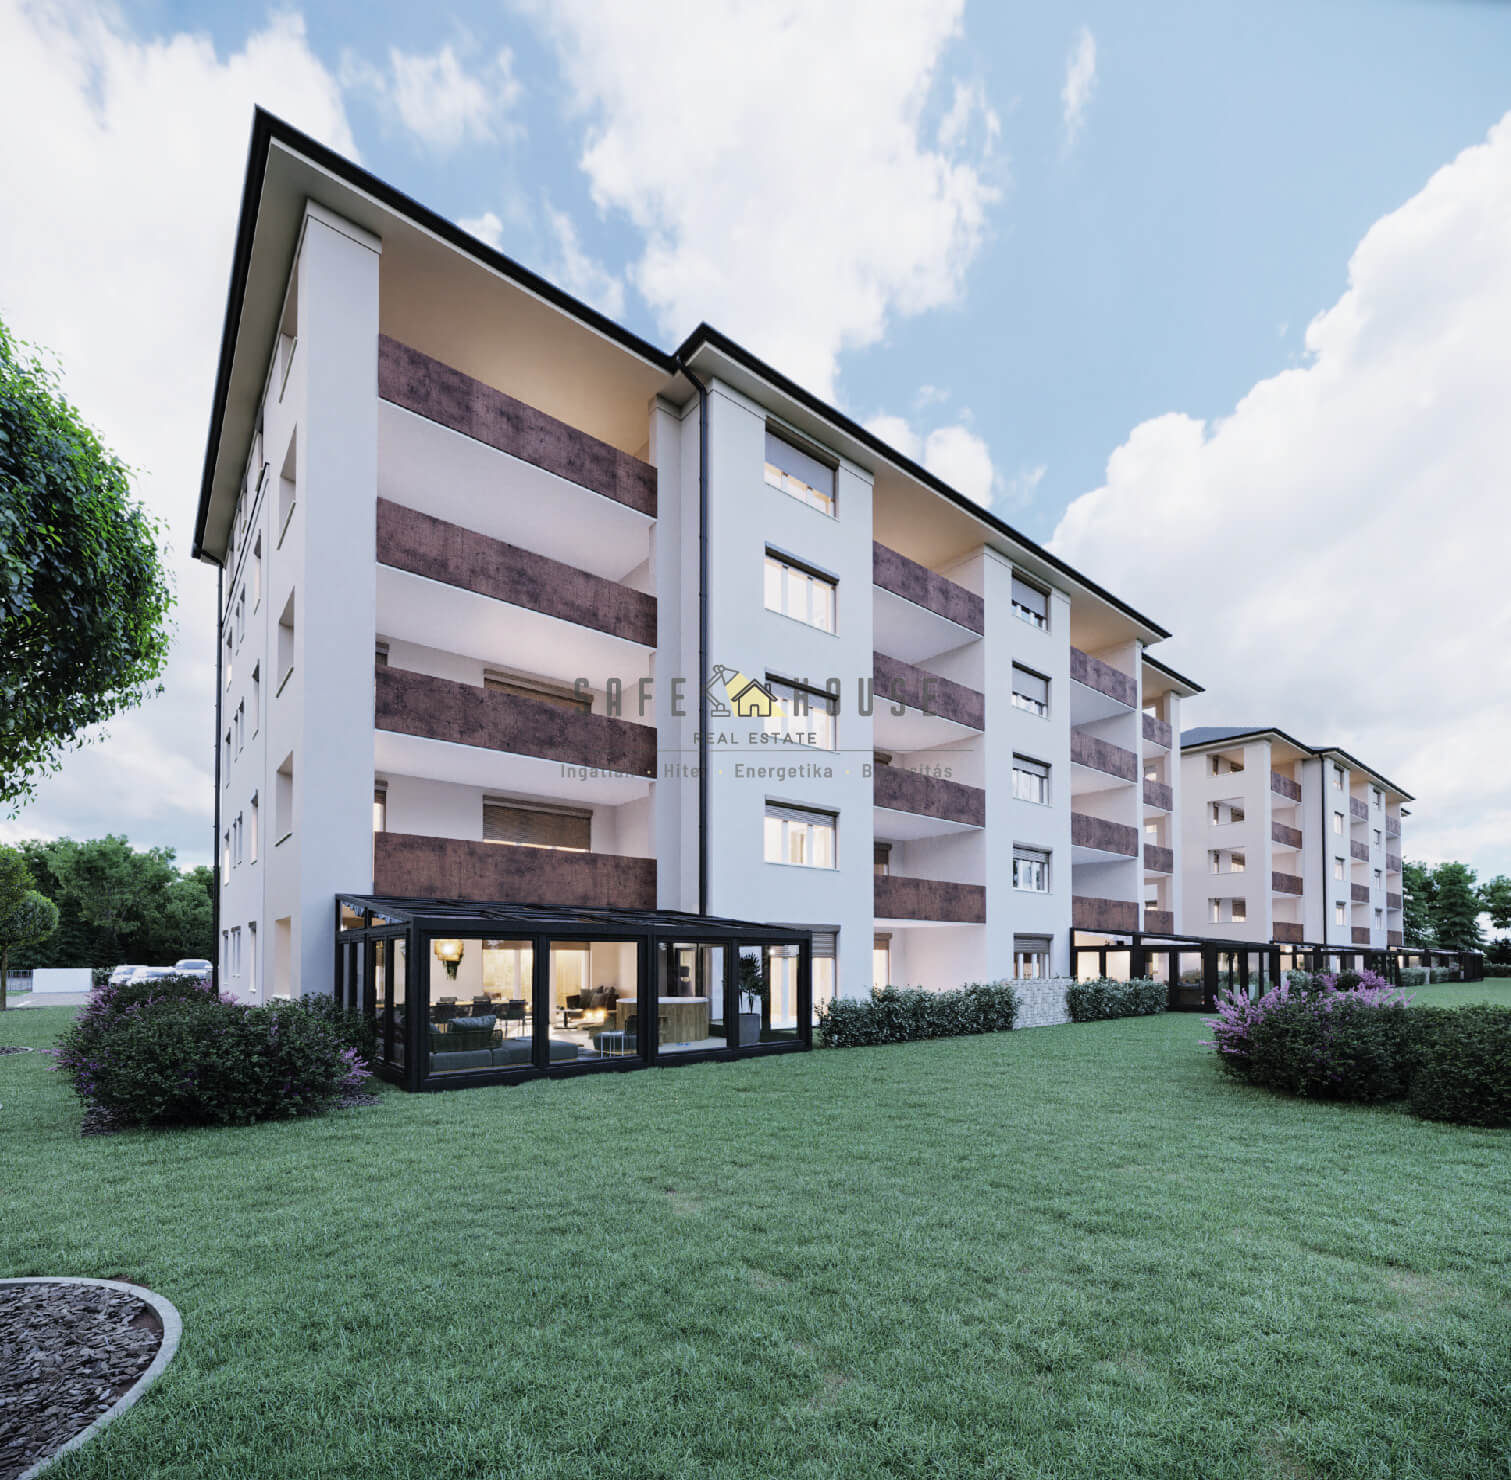 Safehouse Ingatlan Gyöngyösszőlős új építésű 2-23